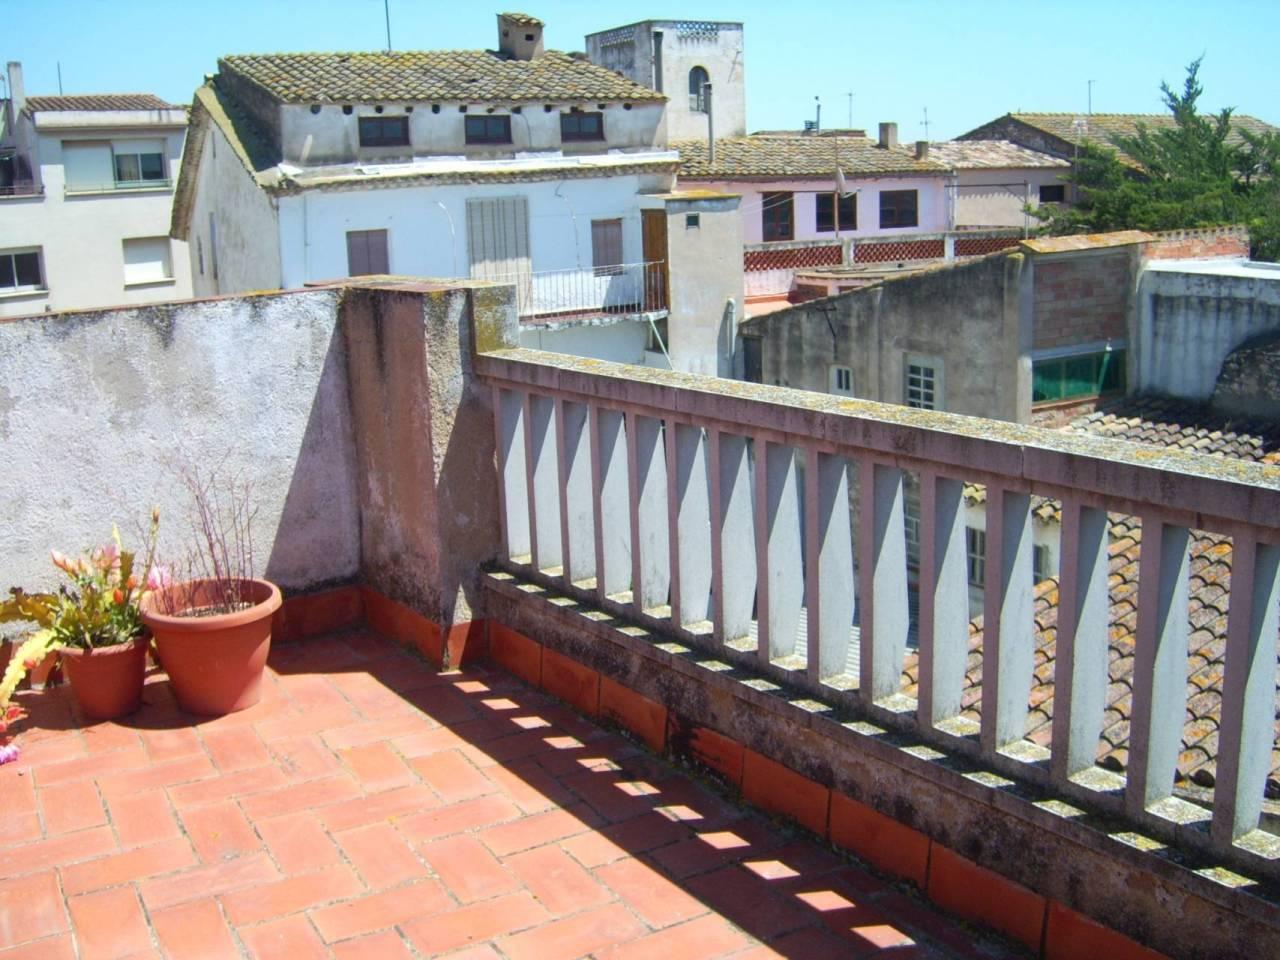 Appartamento  Calle dr. puig. Superf. 82 m²,  3 habitaciones (2 dobles,  1 individual),  1 bañ